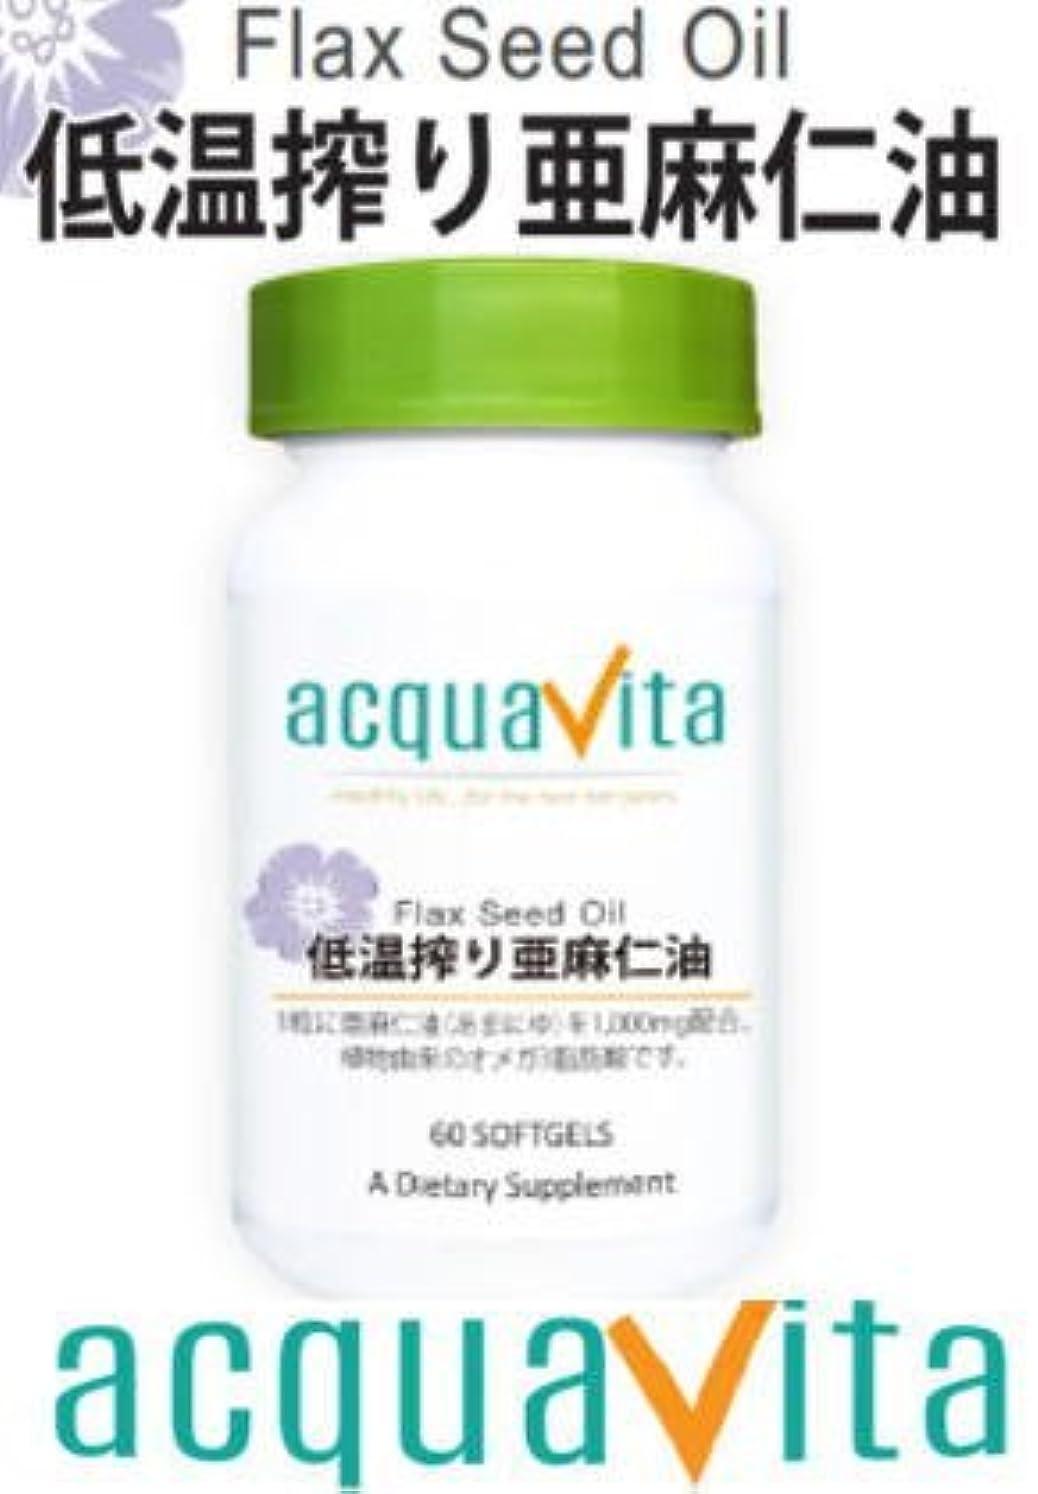 添加剤悲観的褒賞アクアヴィータ 低温搾り亜麻仁油 60粒×6個セット